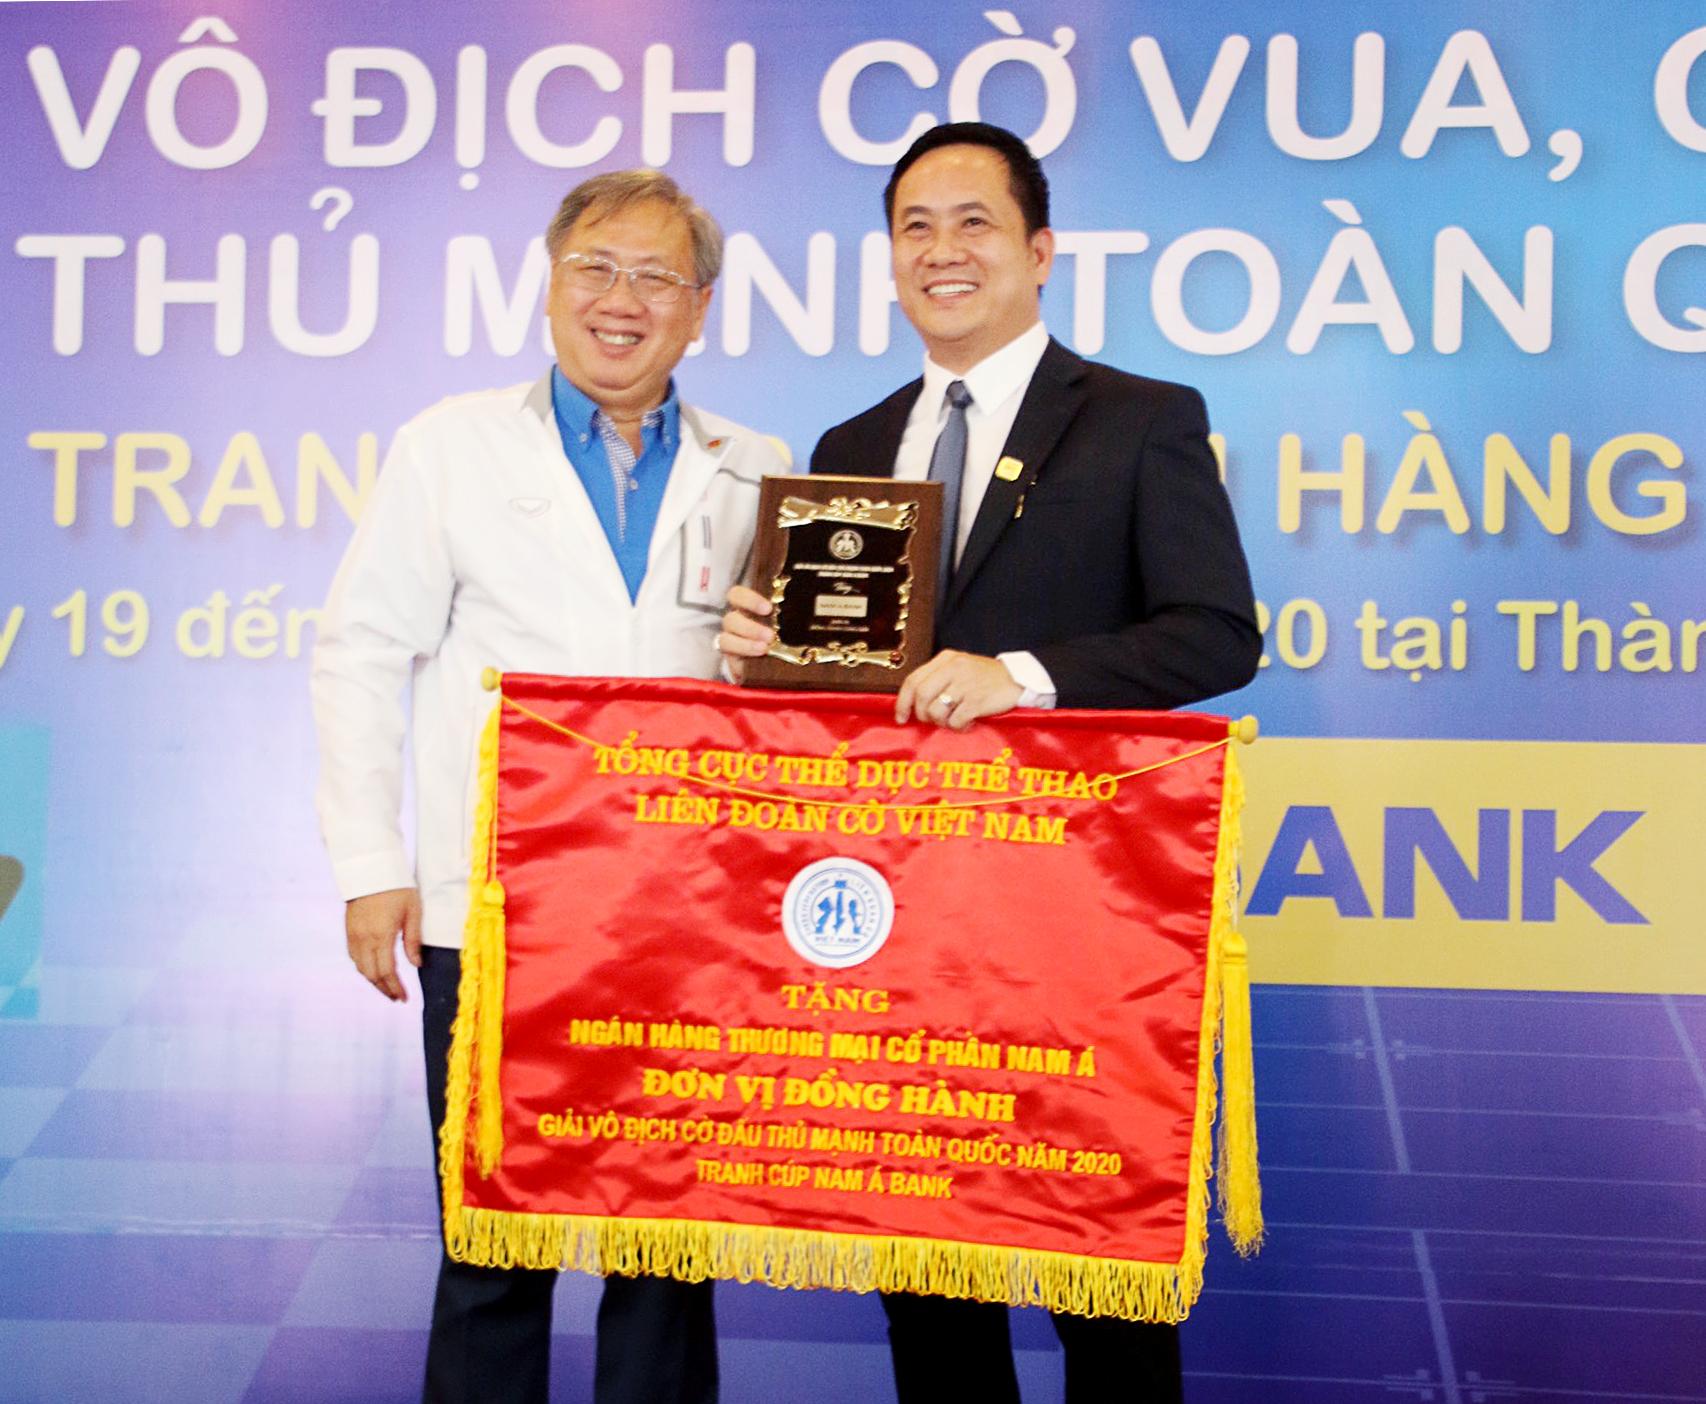 Ông Mai Bá Hùng – Phó Giám đốc Sở Văn hóa và Thể thao TP.HCM trao tặng cờ và cúp lưu niệm cho Ông Hà Huy Cường – Phó Tổng Giám đốc Nam A Bank